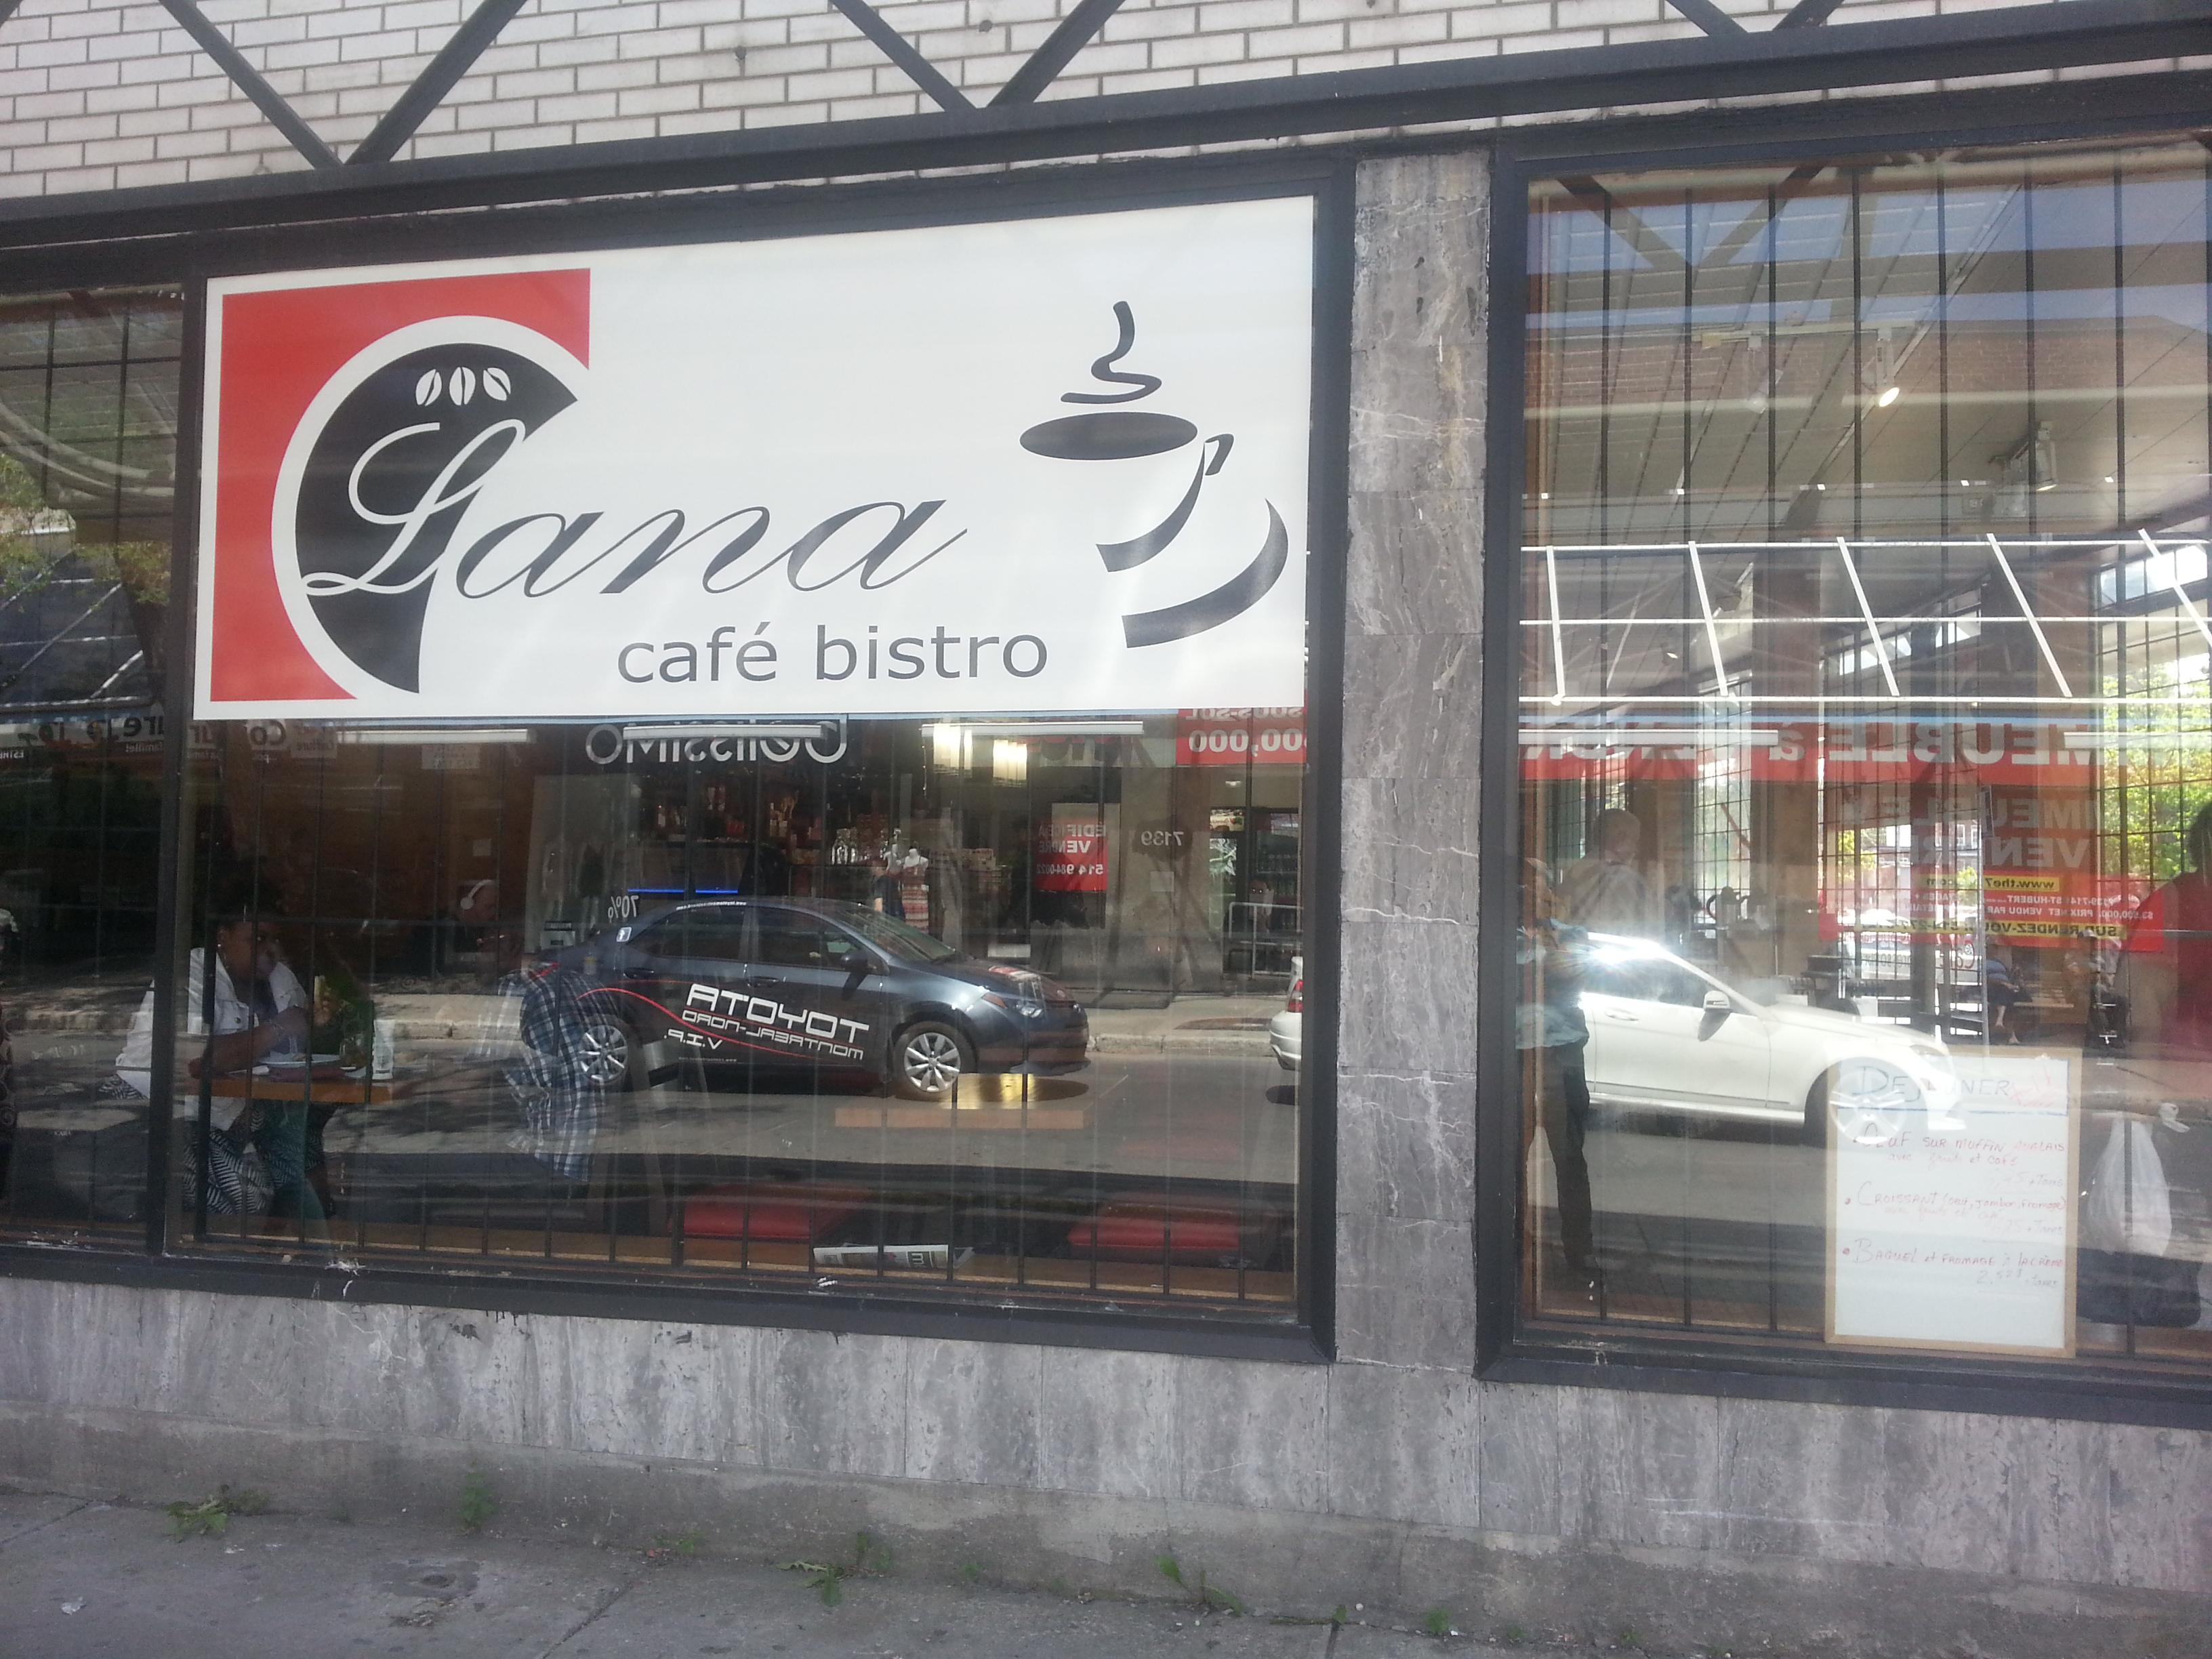 Lana Cafe Bistro